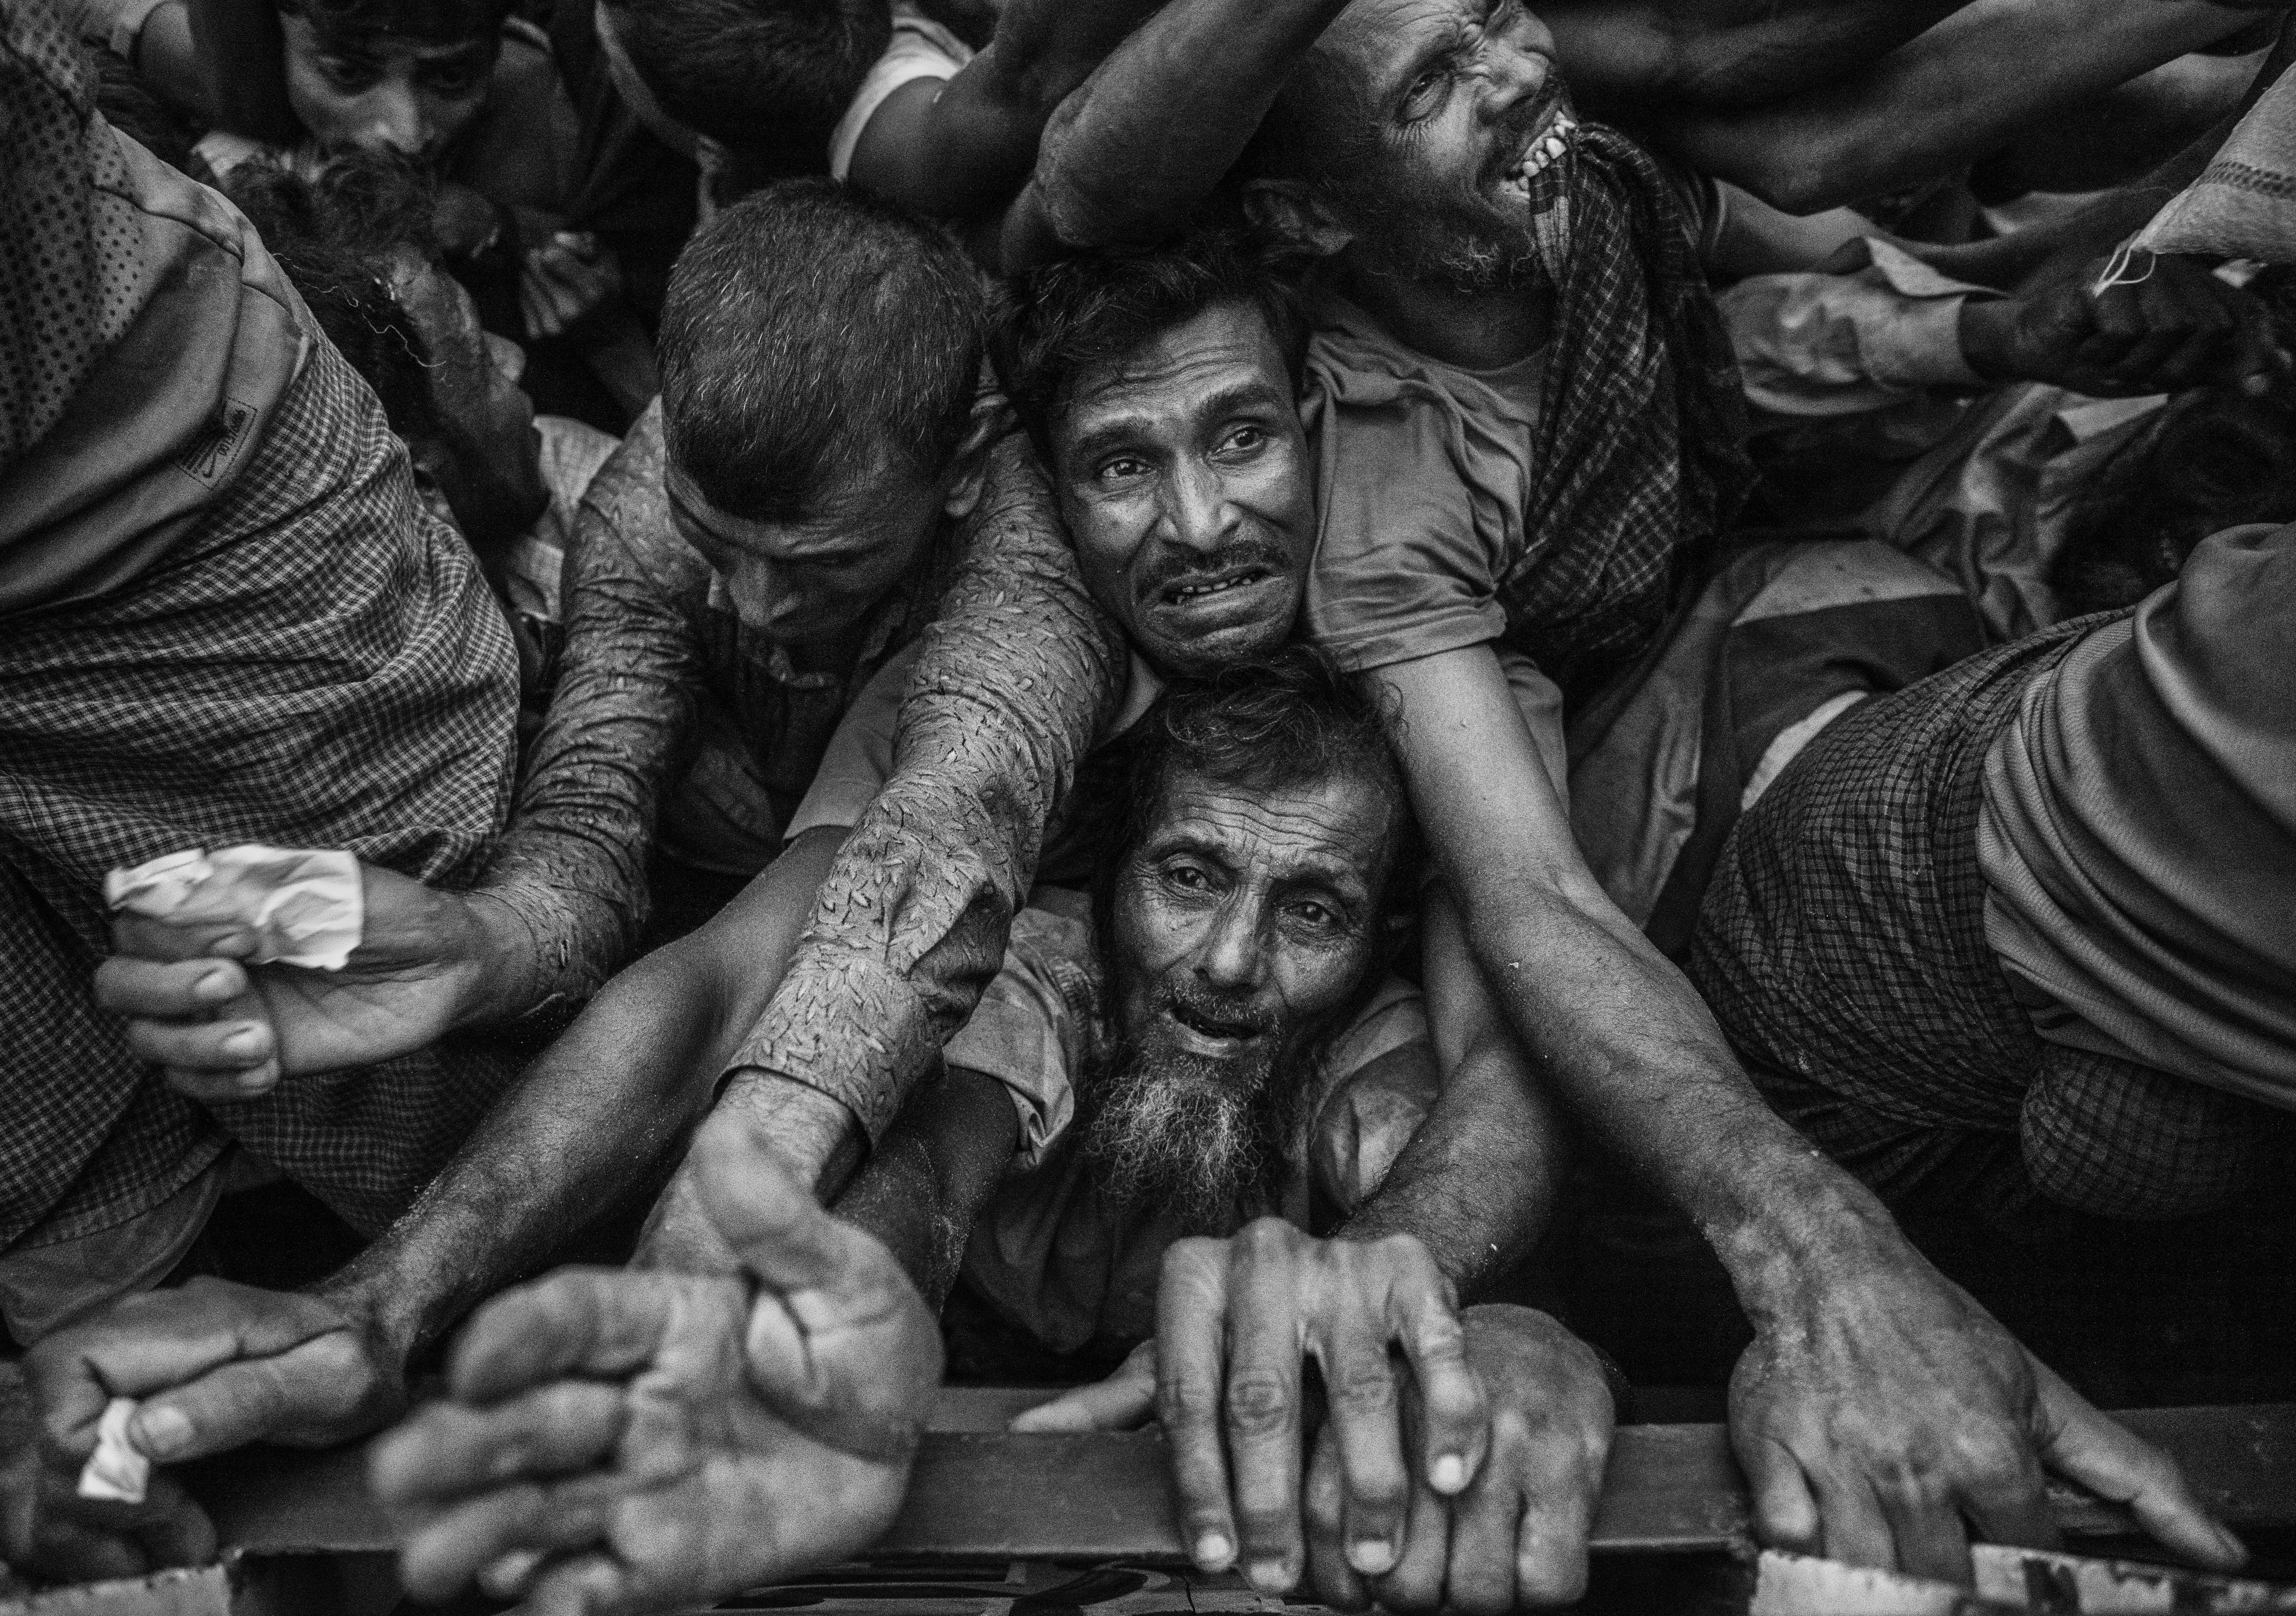 La desesperación de unos hombres durante la distribución de comida en un campo de refugiados (Kevin Frayer/Getty Images)